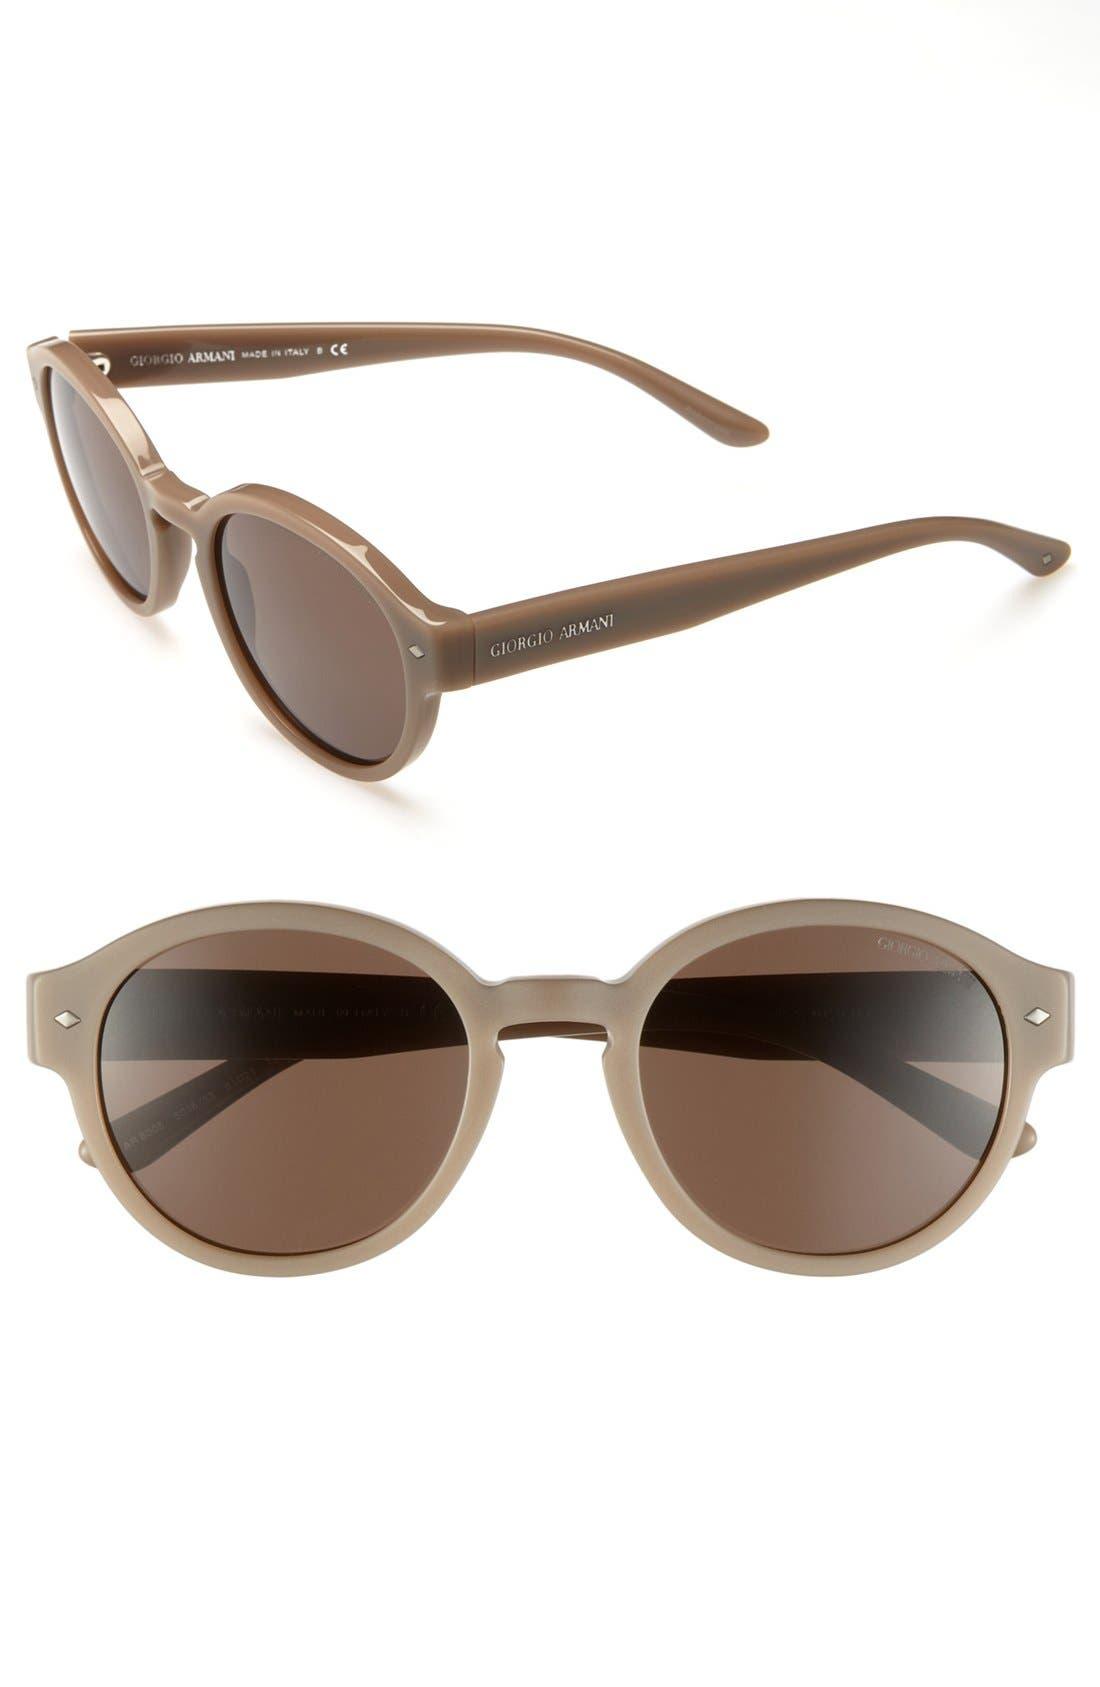 Main Image - Giorgio Armani 51mm Sunglasses